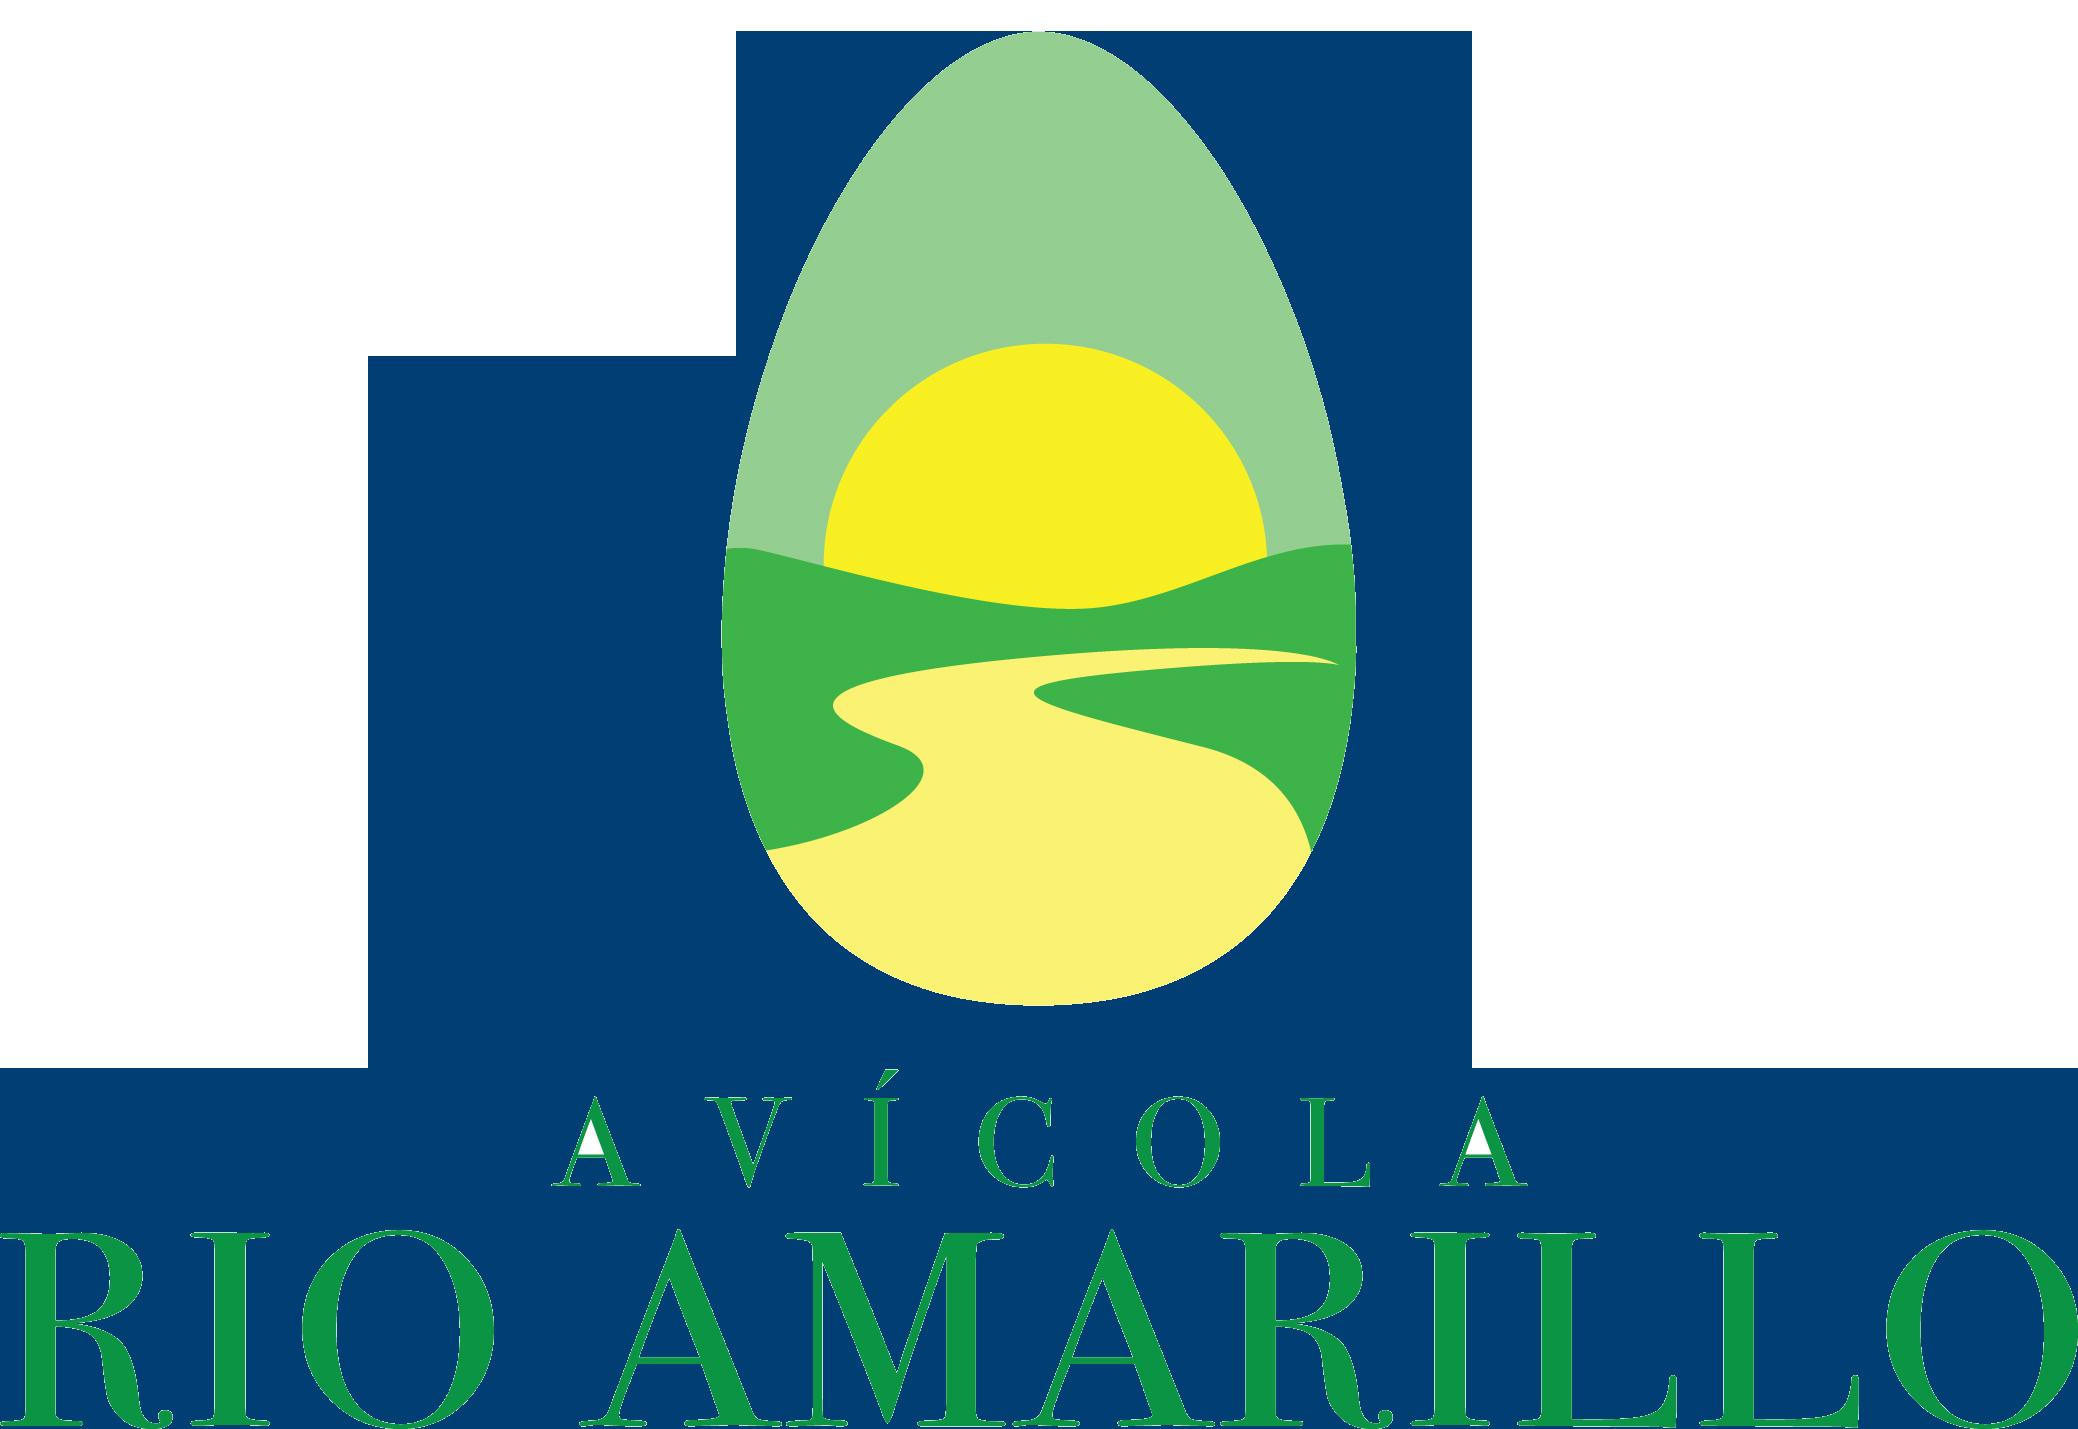 AVIARIA - Avicola Rio Amarillo